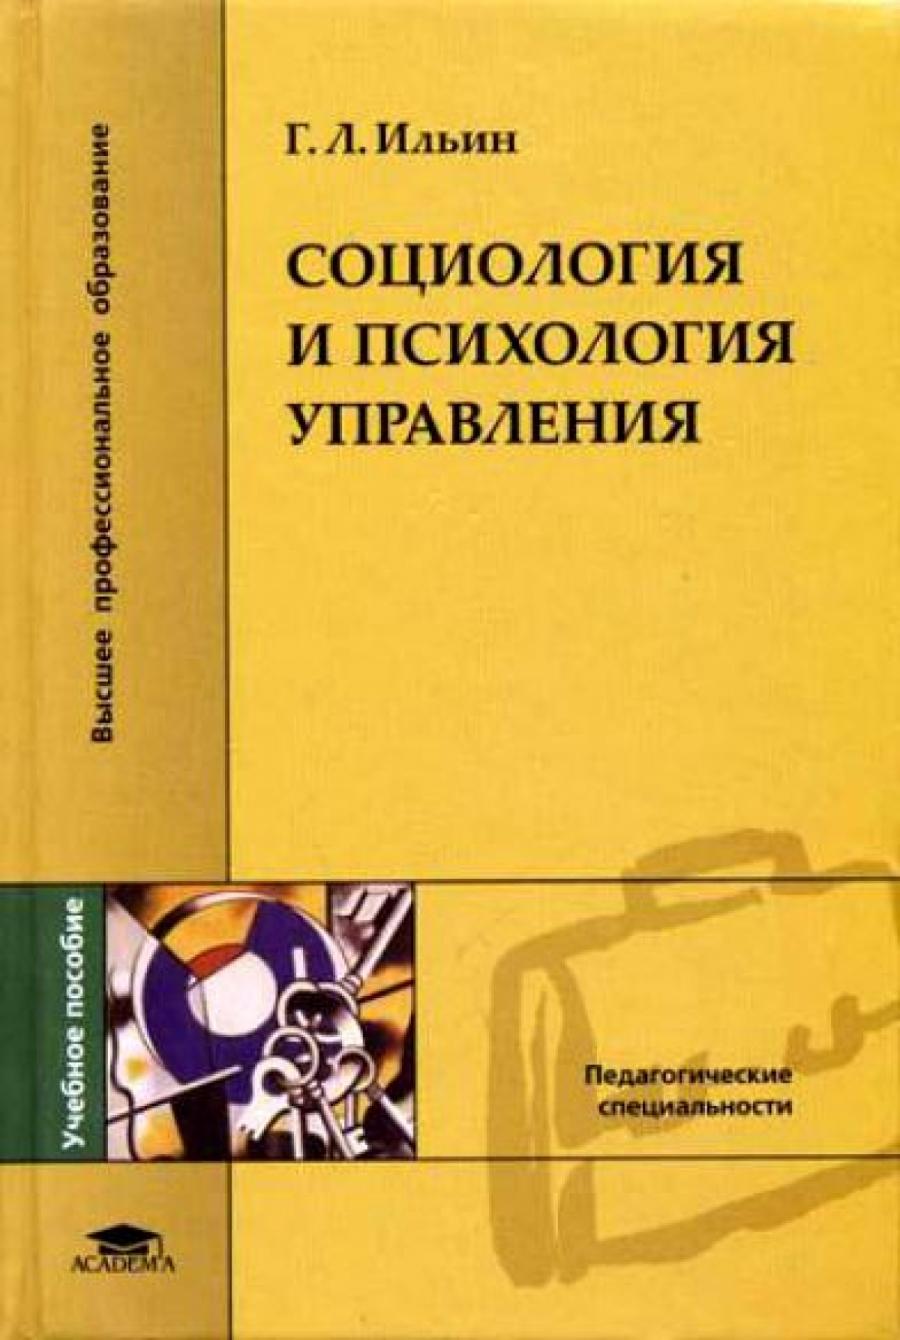 Обложка книги:  ильин г.л. - социология и психология управления.